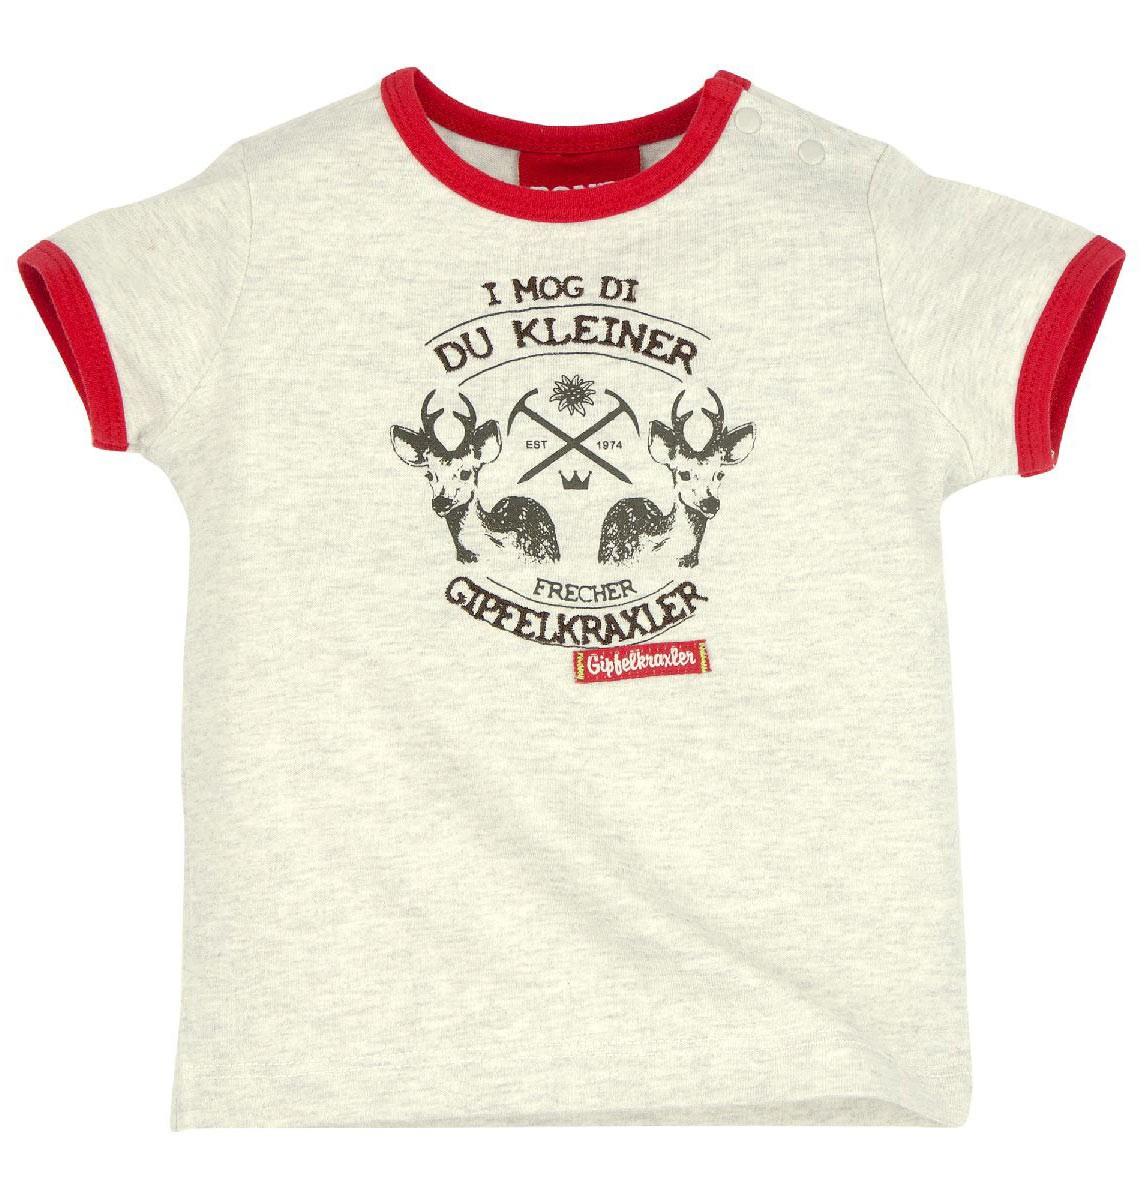 T-shirt 'I mog di'